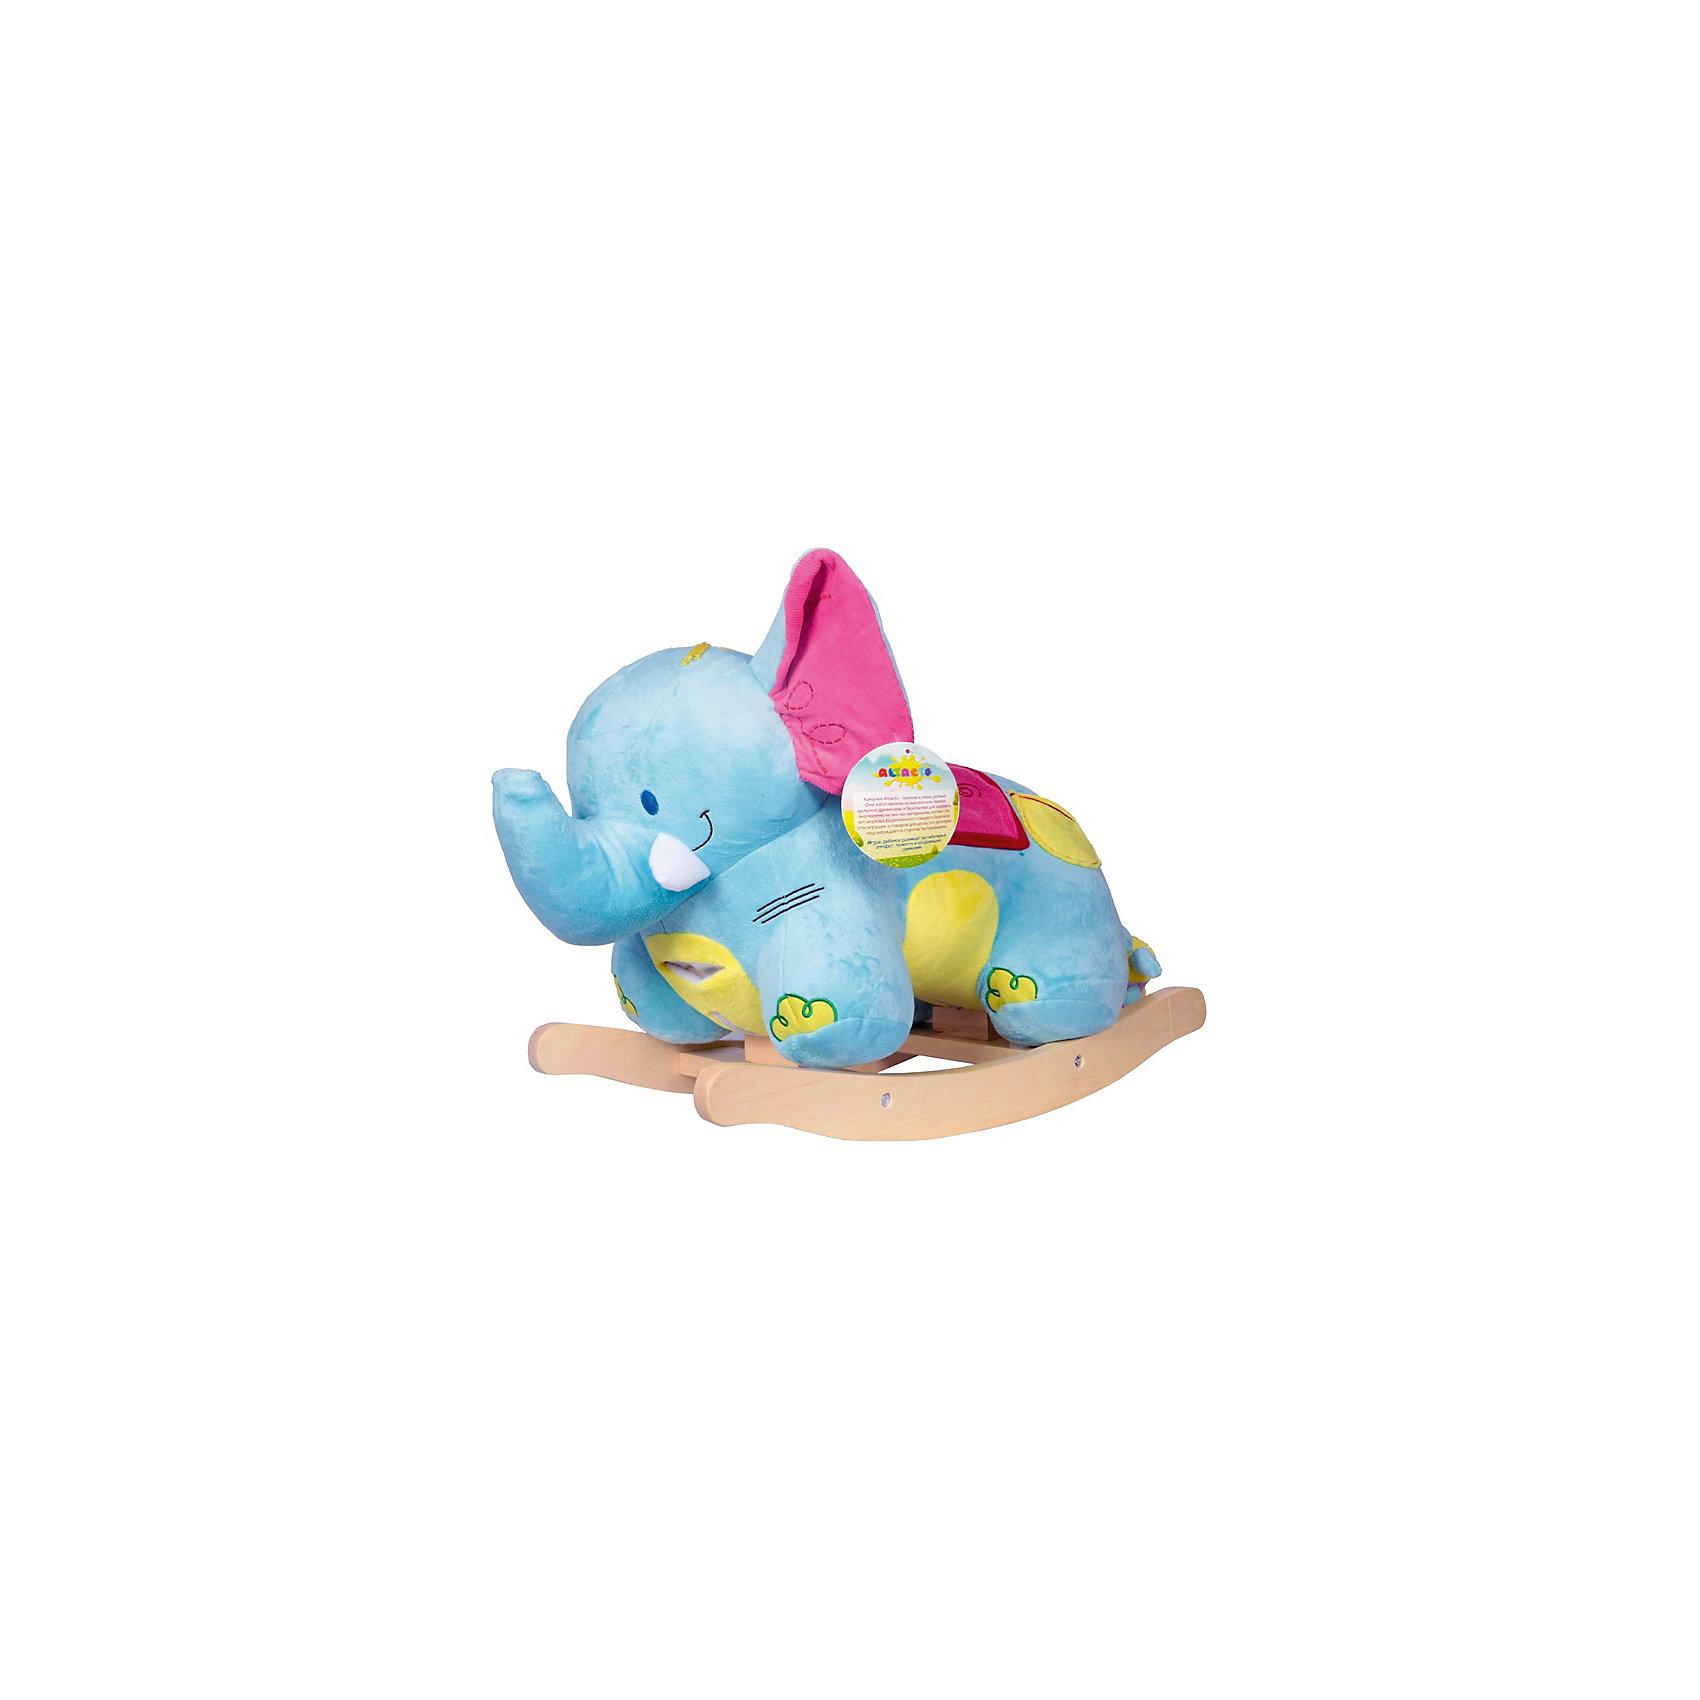 Качалка Слонёнок, AltactoКачалки<br>Качалка в форме слонёнка станет замечательным подарком малышу. С ней можно играть или использовать в качестве удобного стульчика. Его большие мягкие ушки шуршат, на конце хобота находится пищалка, а на голове – специальная кнопка «нота», нажав на которую, вы услышите весёлую музыку. У слоника есть своя игрушка – мышка, спрятавшаяся в боковом кармашке. <br><br>Качаясь на «Слонёнке», ребёнок не просто весело проводит время – он тренирует вестибулярный аппарат, развивает воображение, ловкость и координацию движений.<br><br>Все качалки Altacto выполнены из высококачественных материалов. <br><br>Работает от батареек (идут в комплекте).<br><br>Ширина мм: 620<br>Глубина мм: 295<br>Высота мм: 440<br>Вес г: 4100<br>Возраст от месяцев: 12<br>Возраст до месяцев: 36<br>Пол: Унисекс<br>Возраст: Детский<br>SKU: 4779836